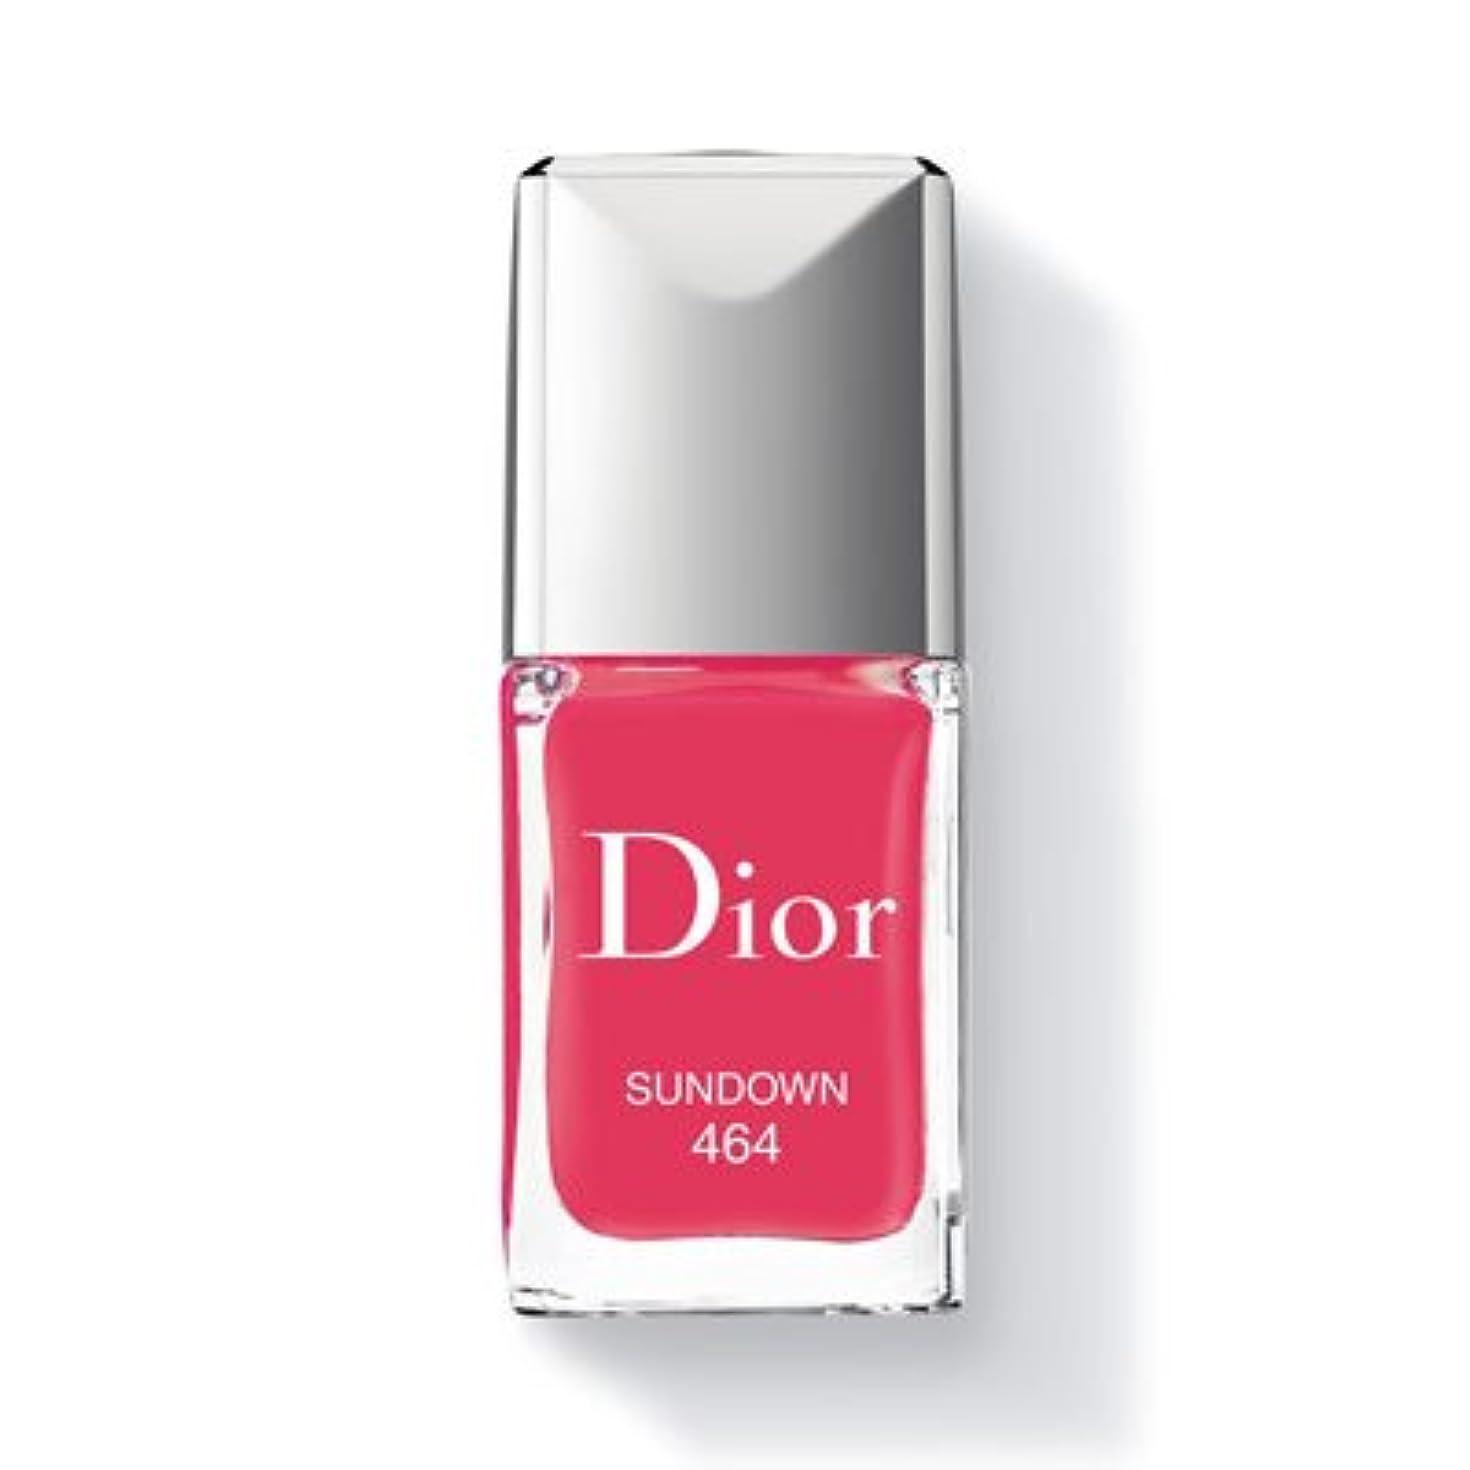 行進歌詞産地Christian Dior クリスチャン ディオール ディオール ヴェルニ #464 SUNDOWN 10ml [並行輸入品]